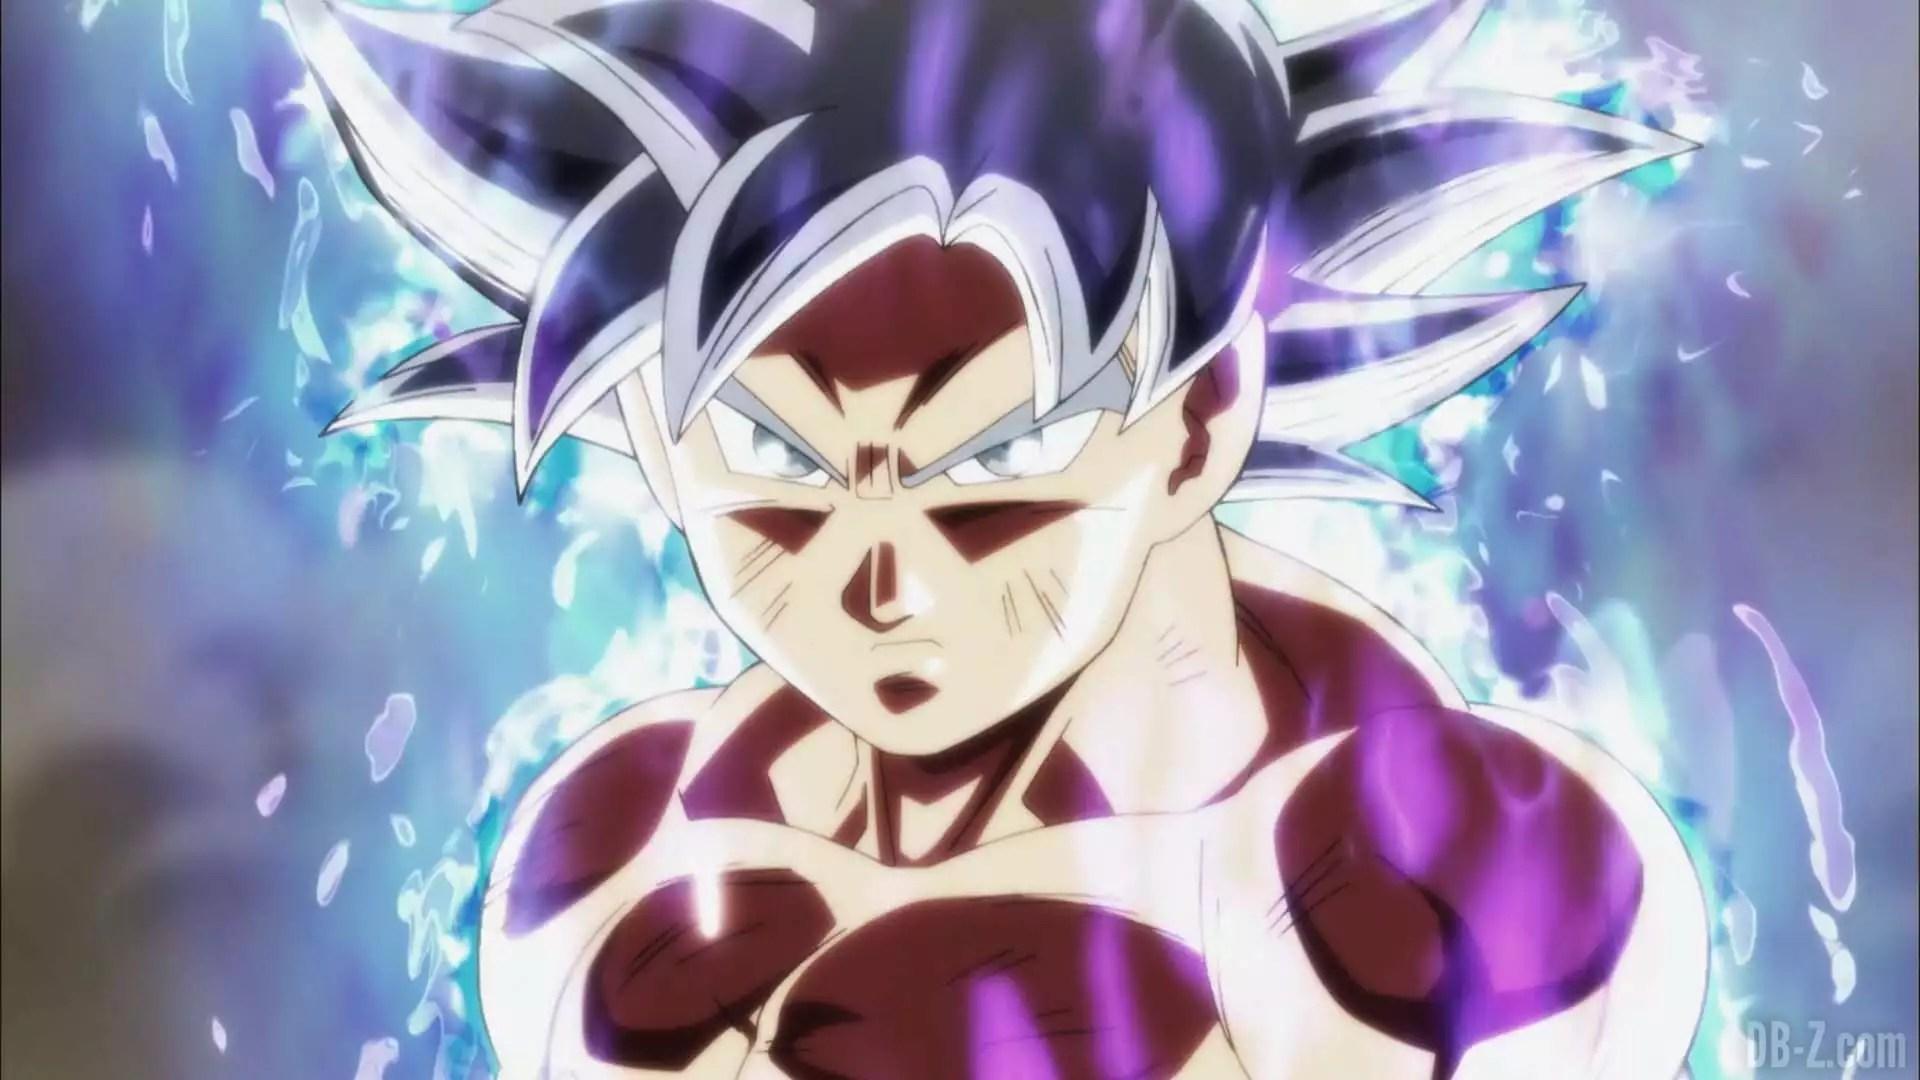 Dragon Ball Super Incrvel Figura De Goku Com Instinto